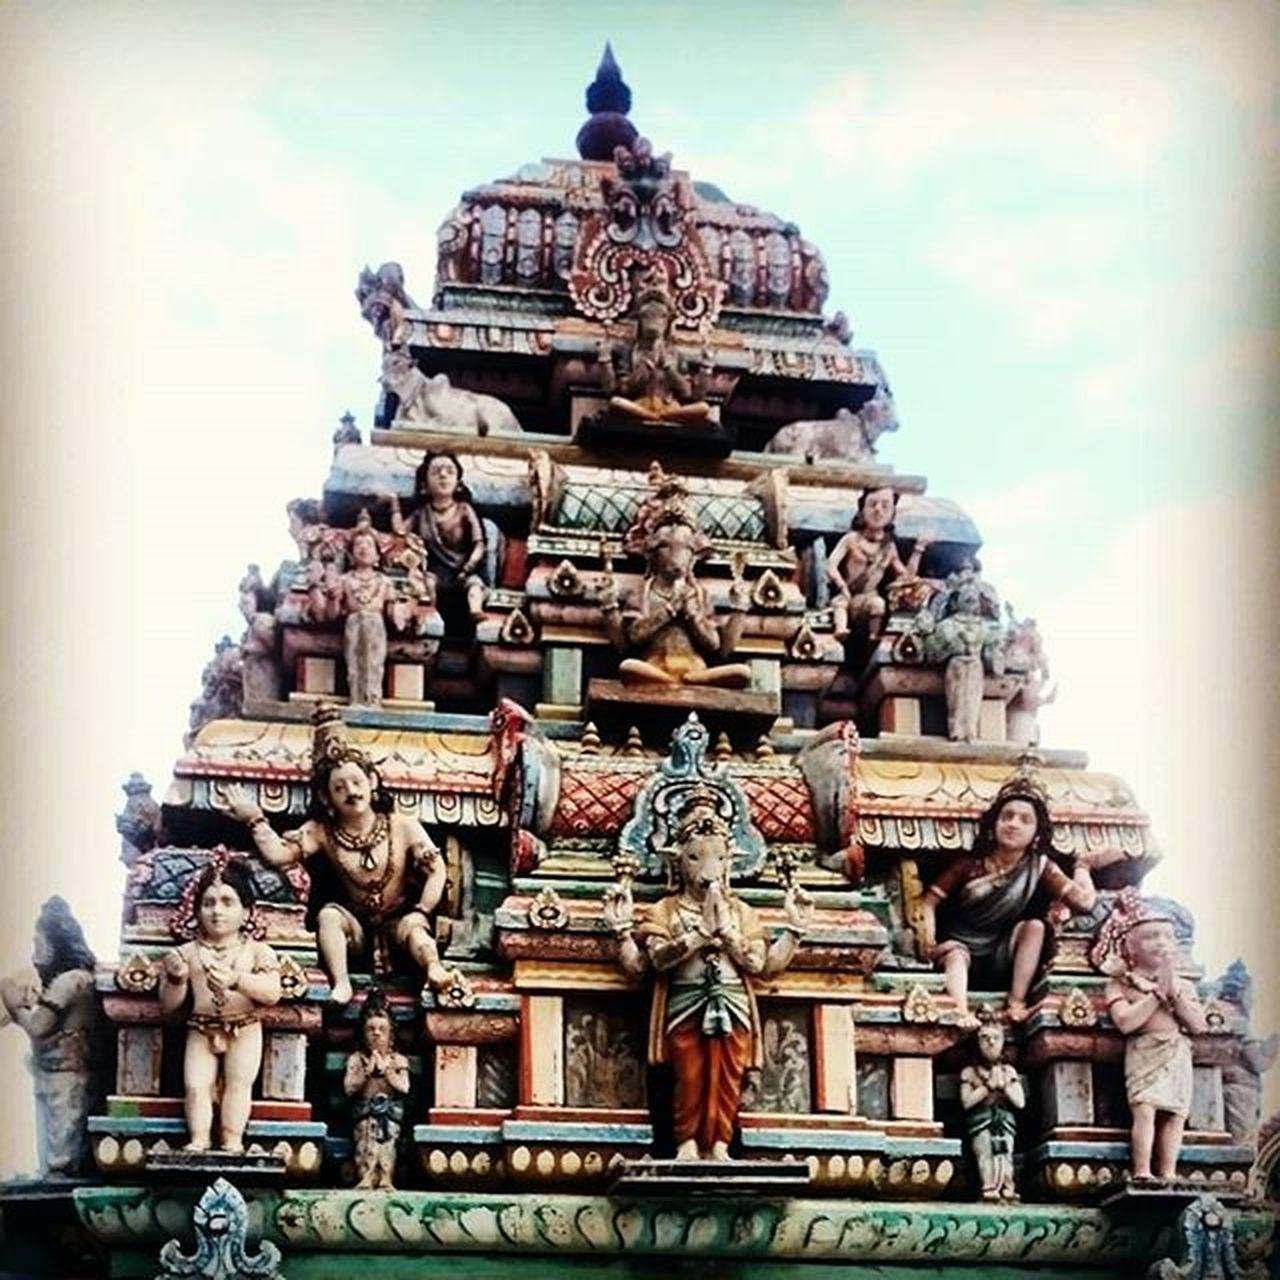 Vedaporishwarar temple HinduTemple Religion Hindusim Tamilculture Pondicherry Indians  Architecture